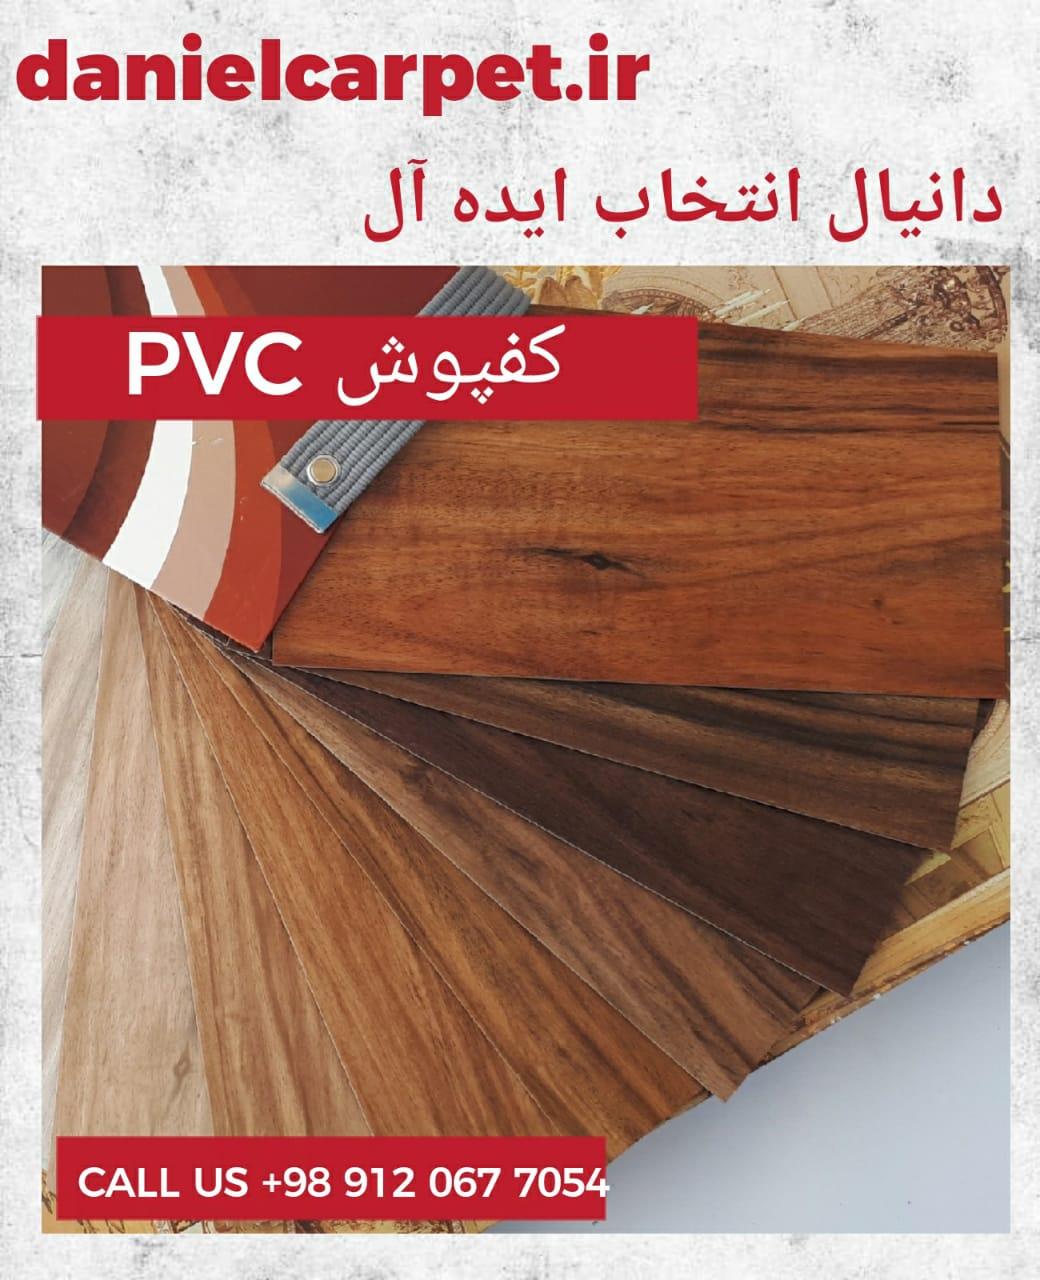 باکیفیت ترین کفپوش pvc